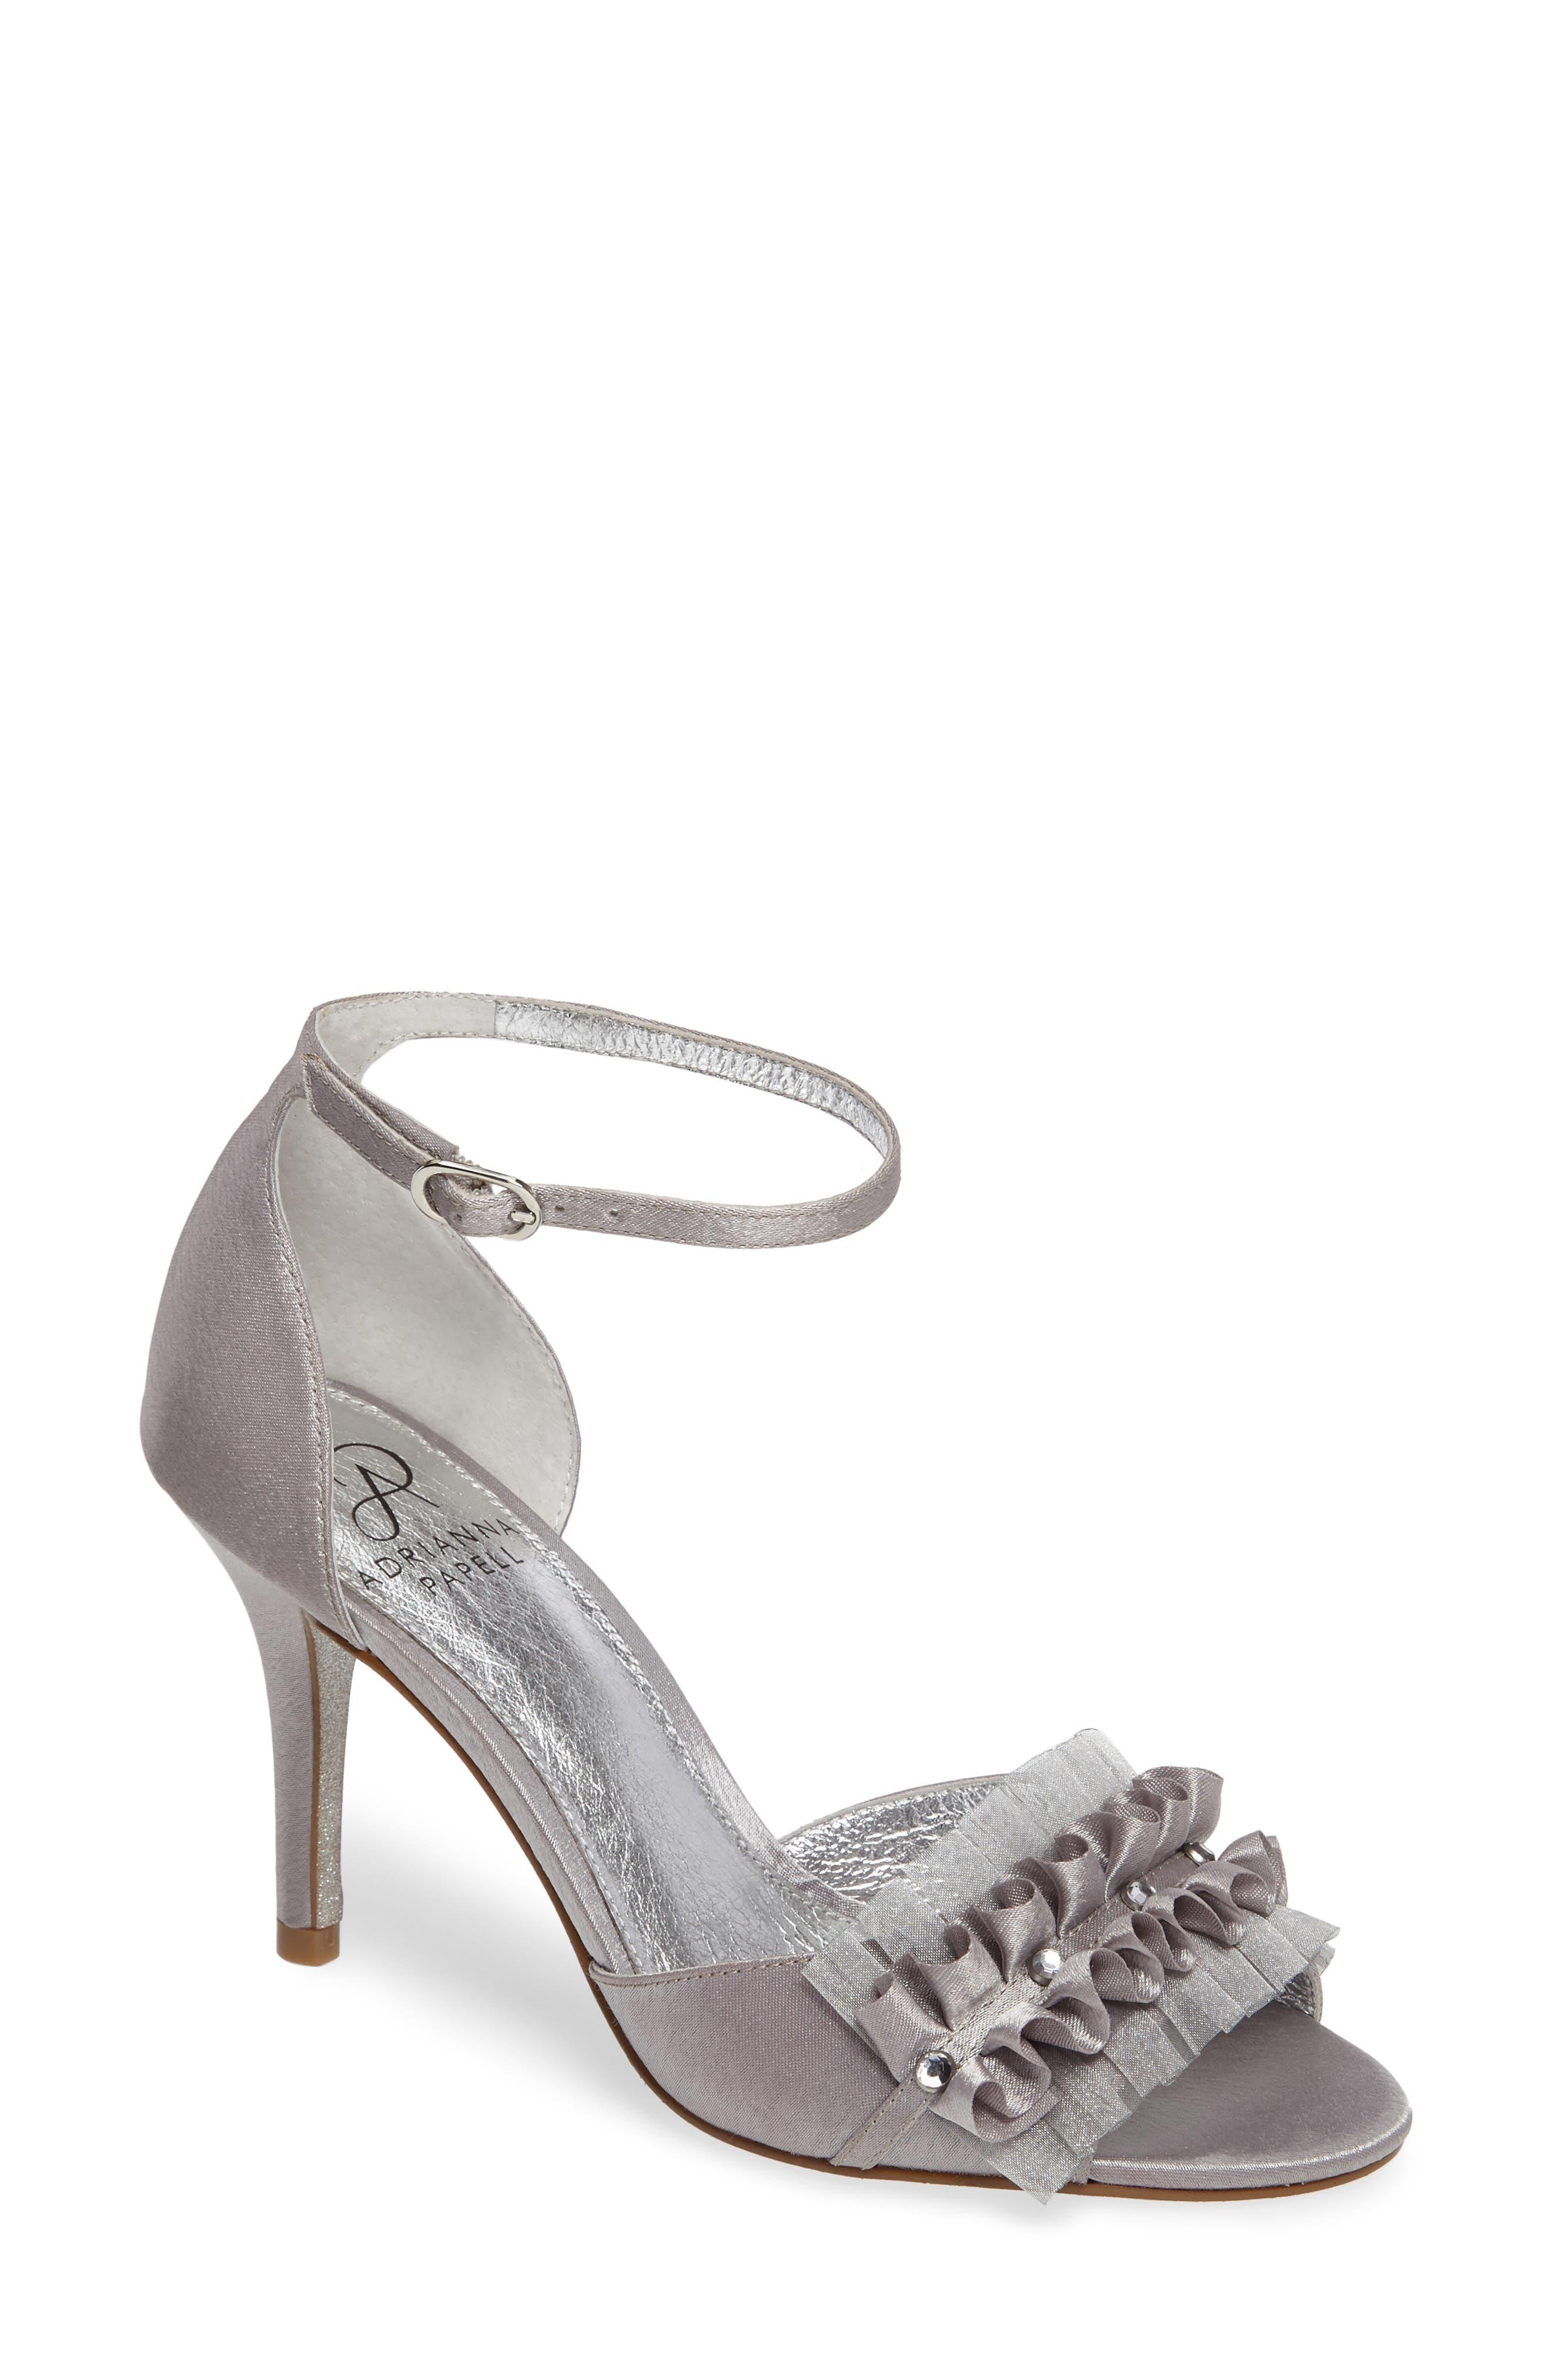 Main Image - Adrianna Papell Alcott Chiffon Ruffle Sandal (Women)